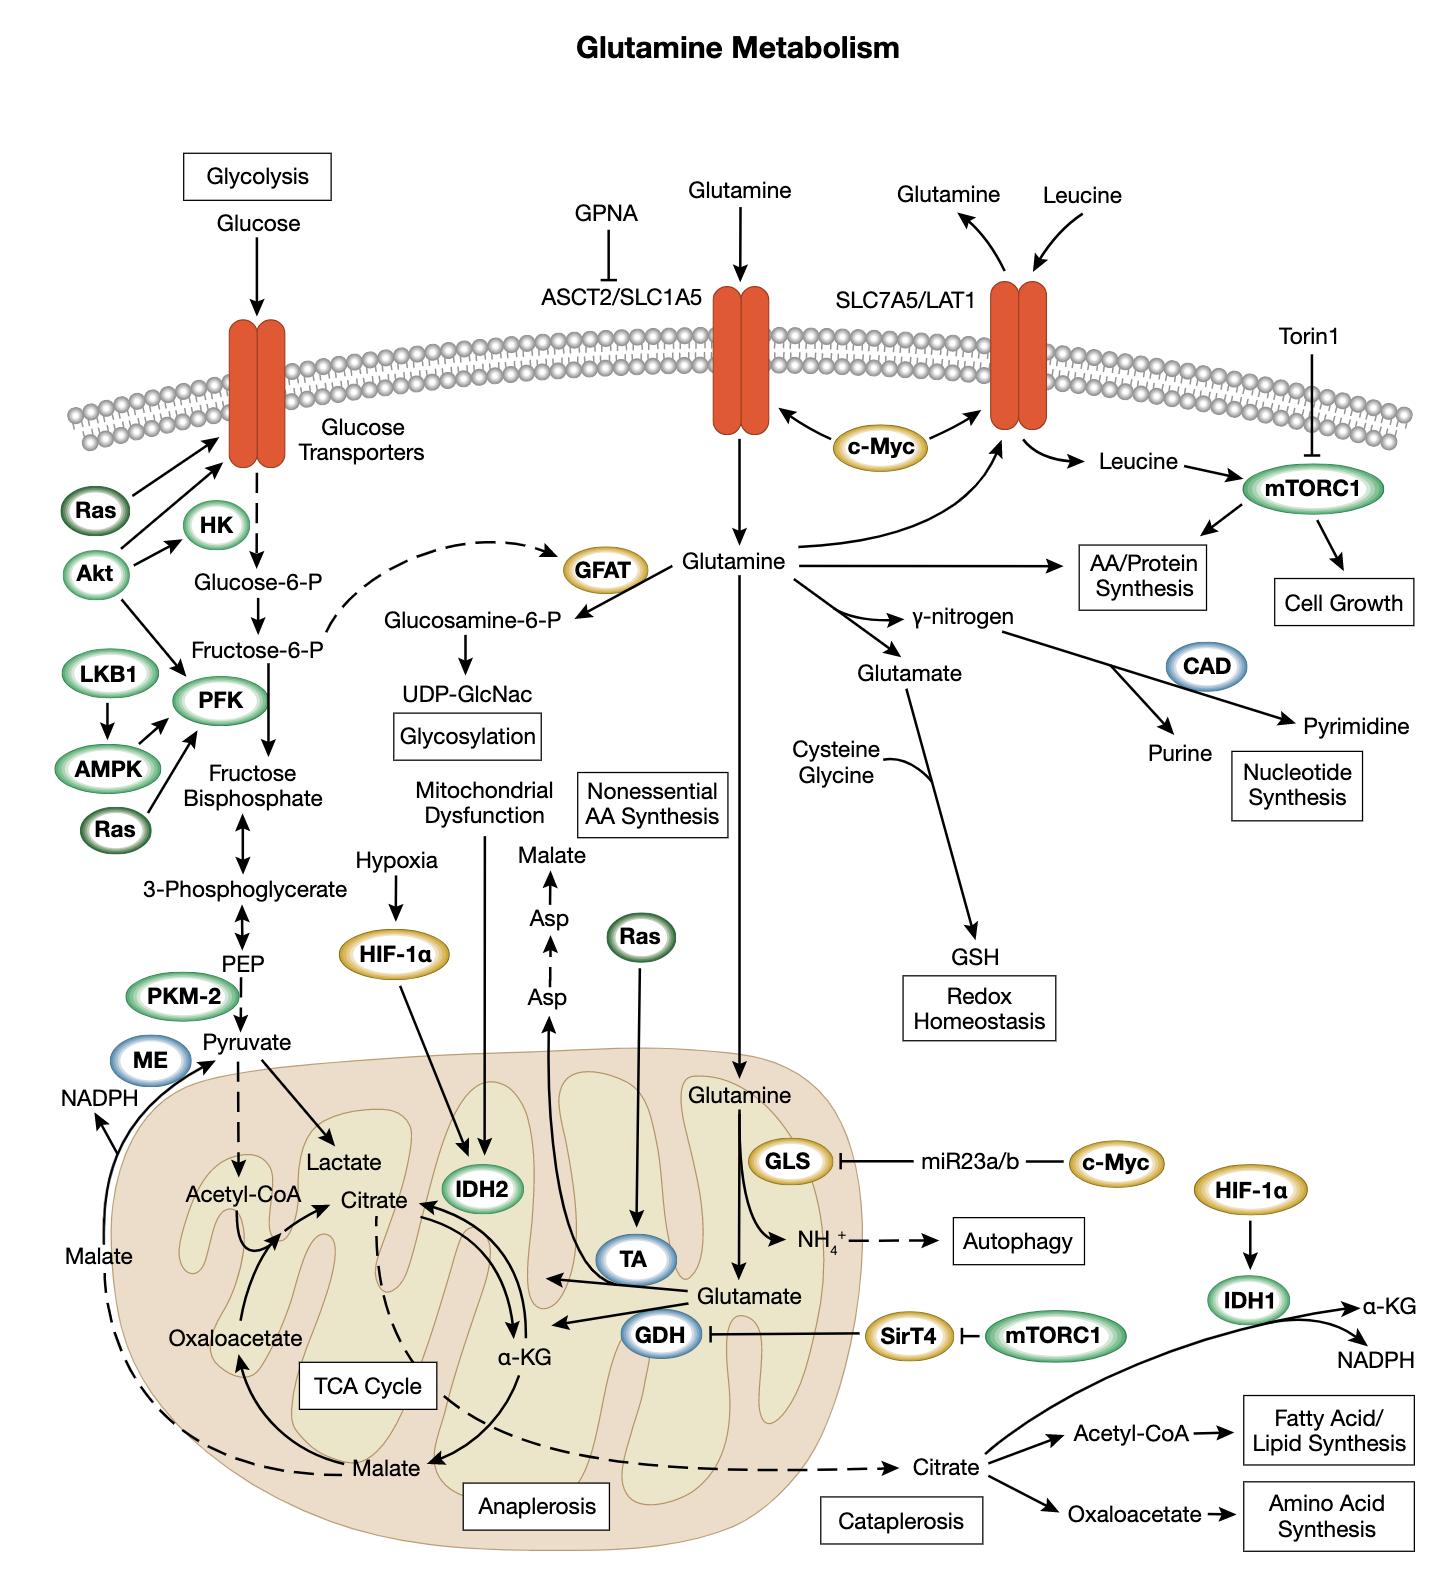 谷氨酰胺代谢相互作用信号转导通路